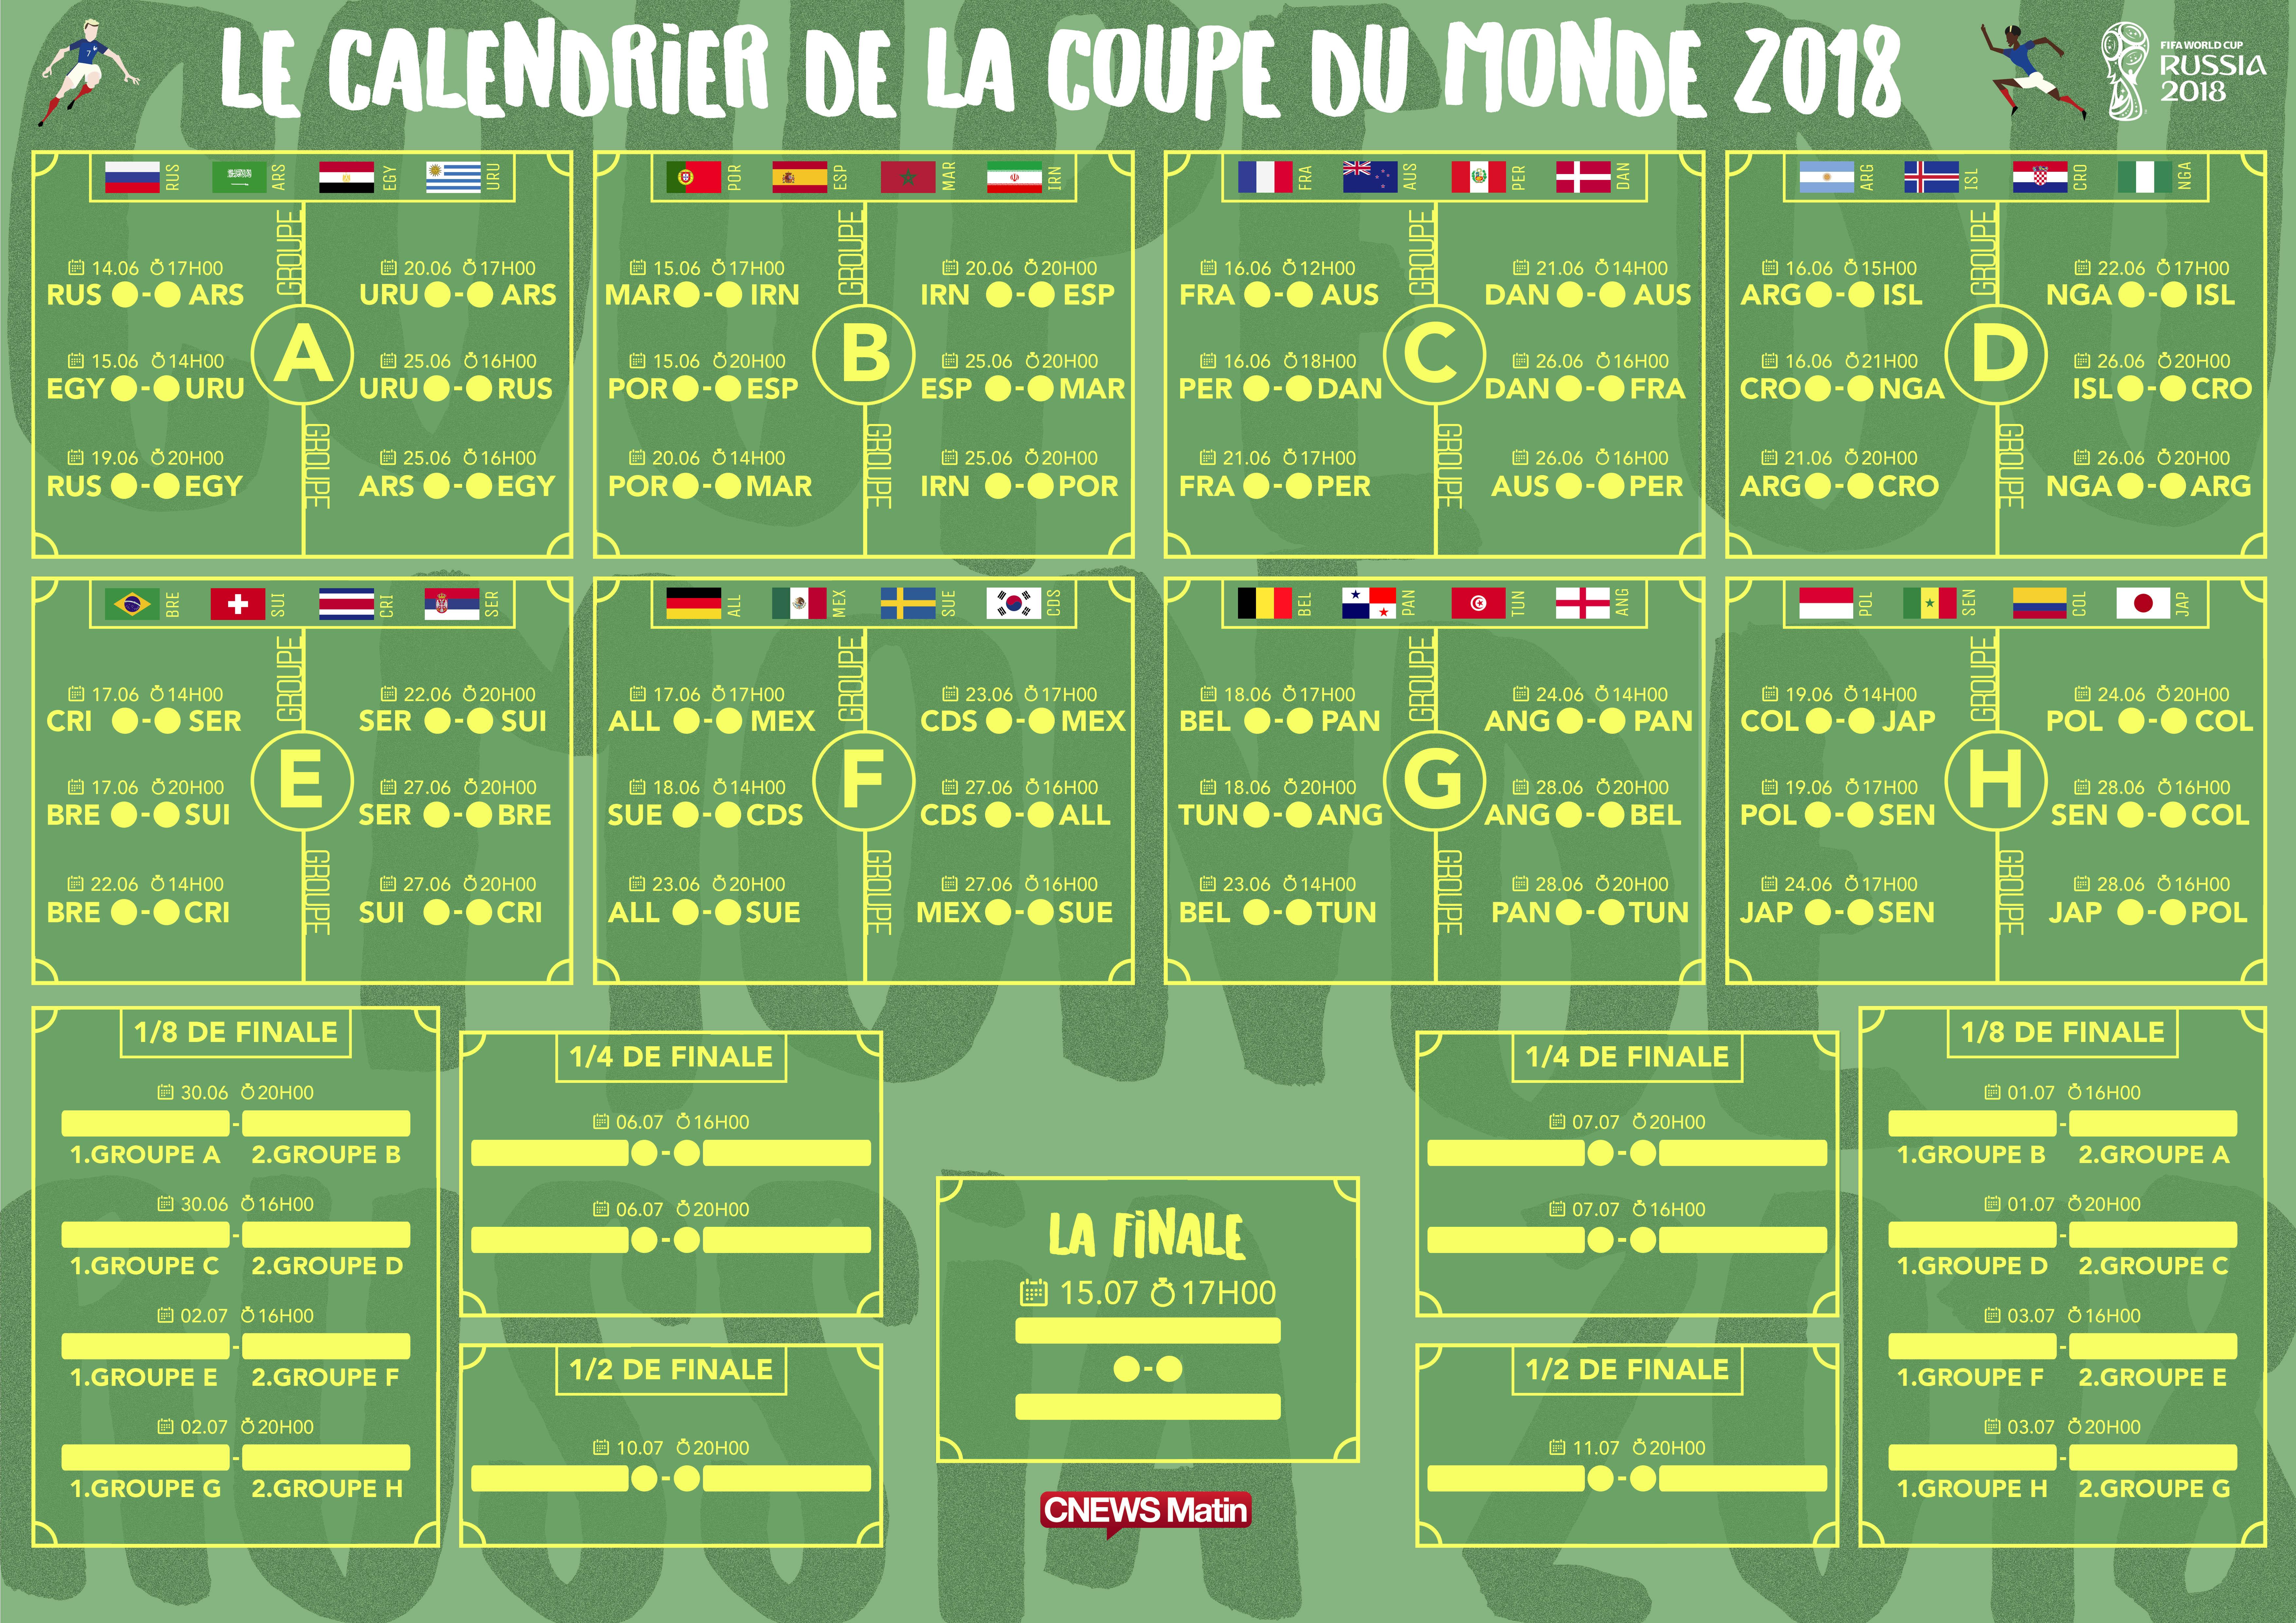 T l chargez le calendrier de la coupe du monde 2018 en pdf - Liste des coupes du monde ...